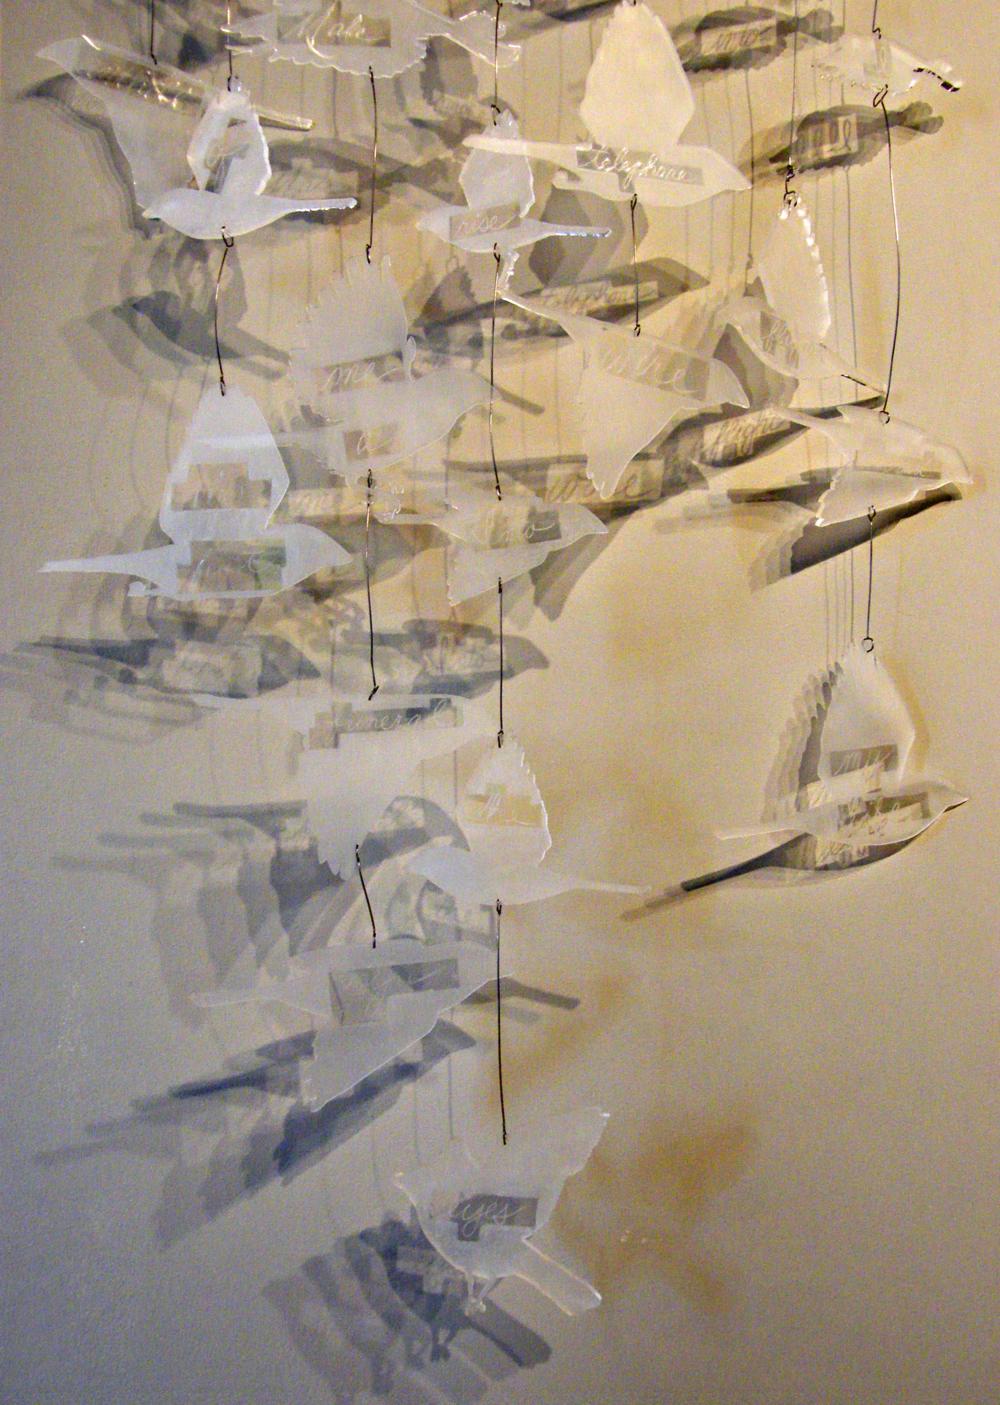 Cloud Epitaph, detail